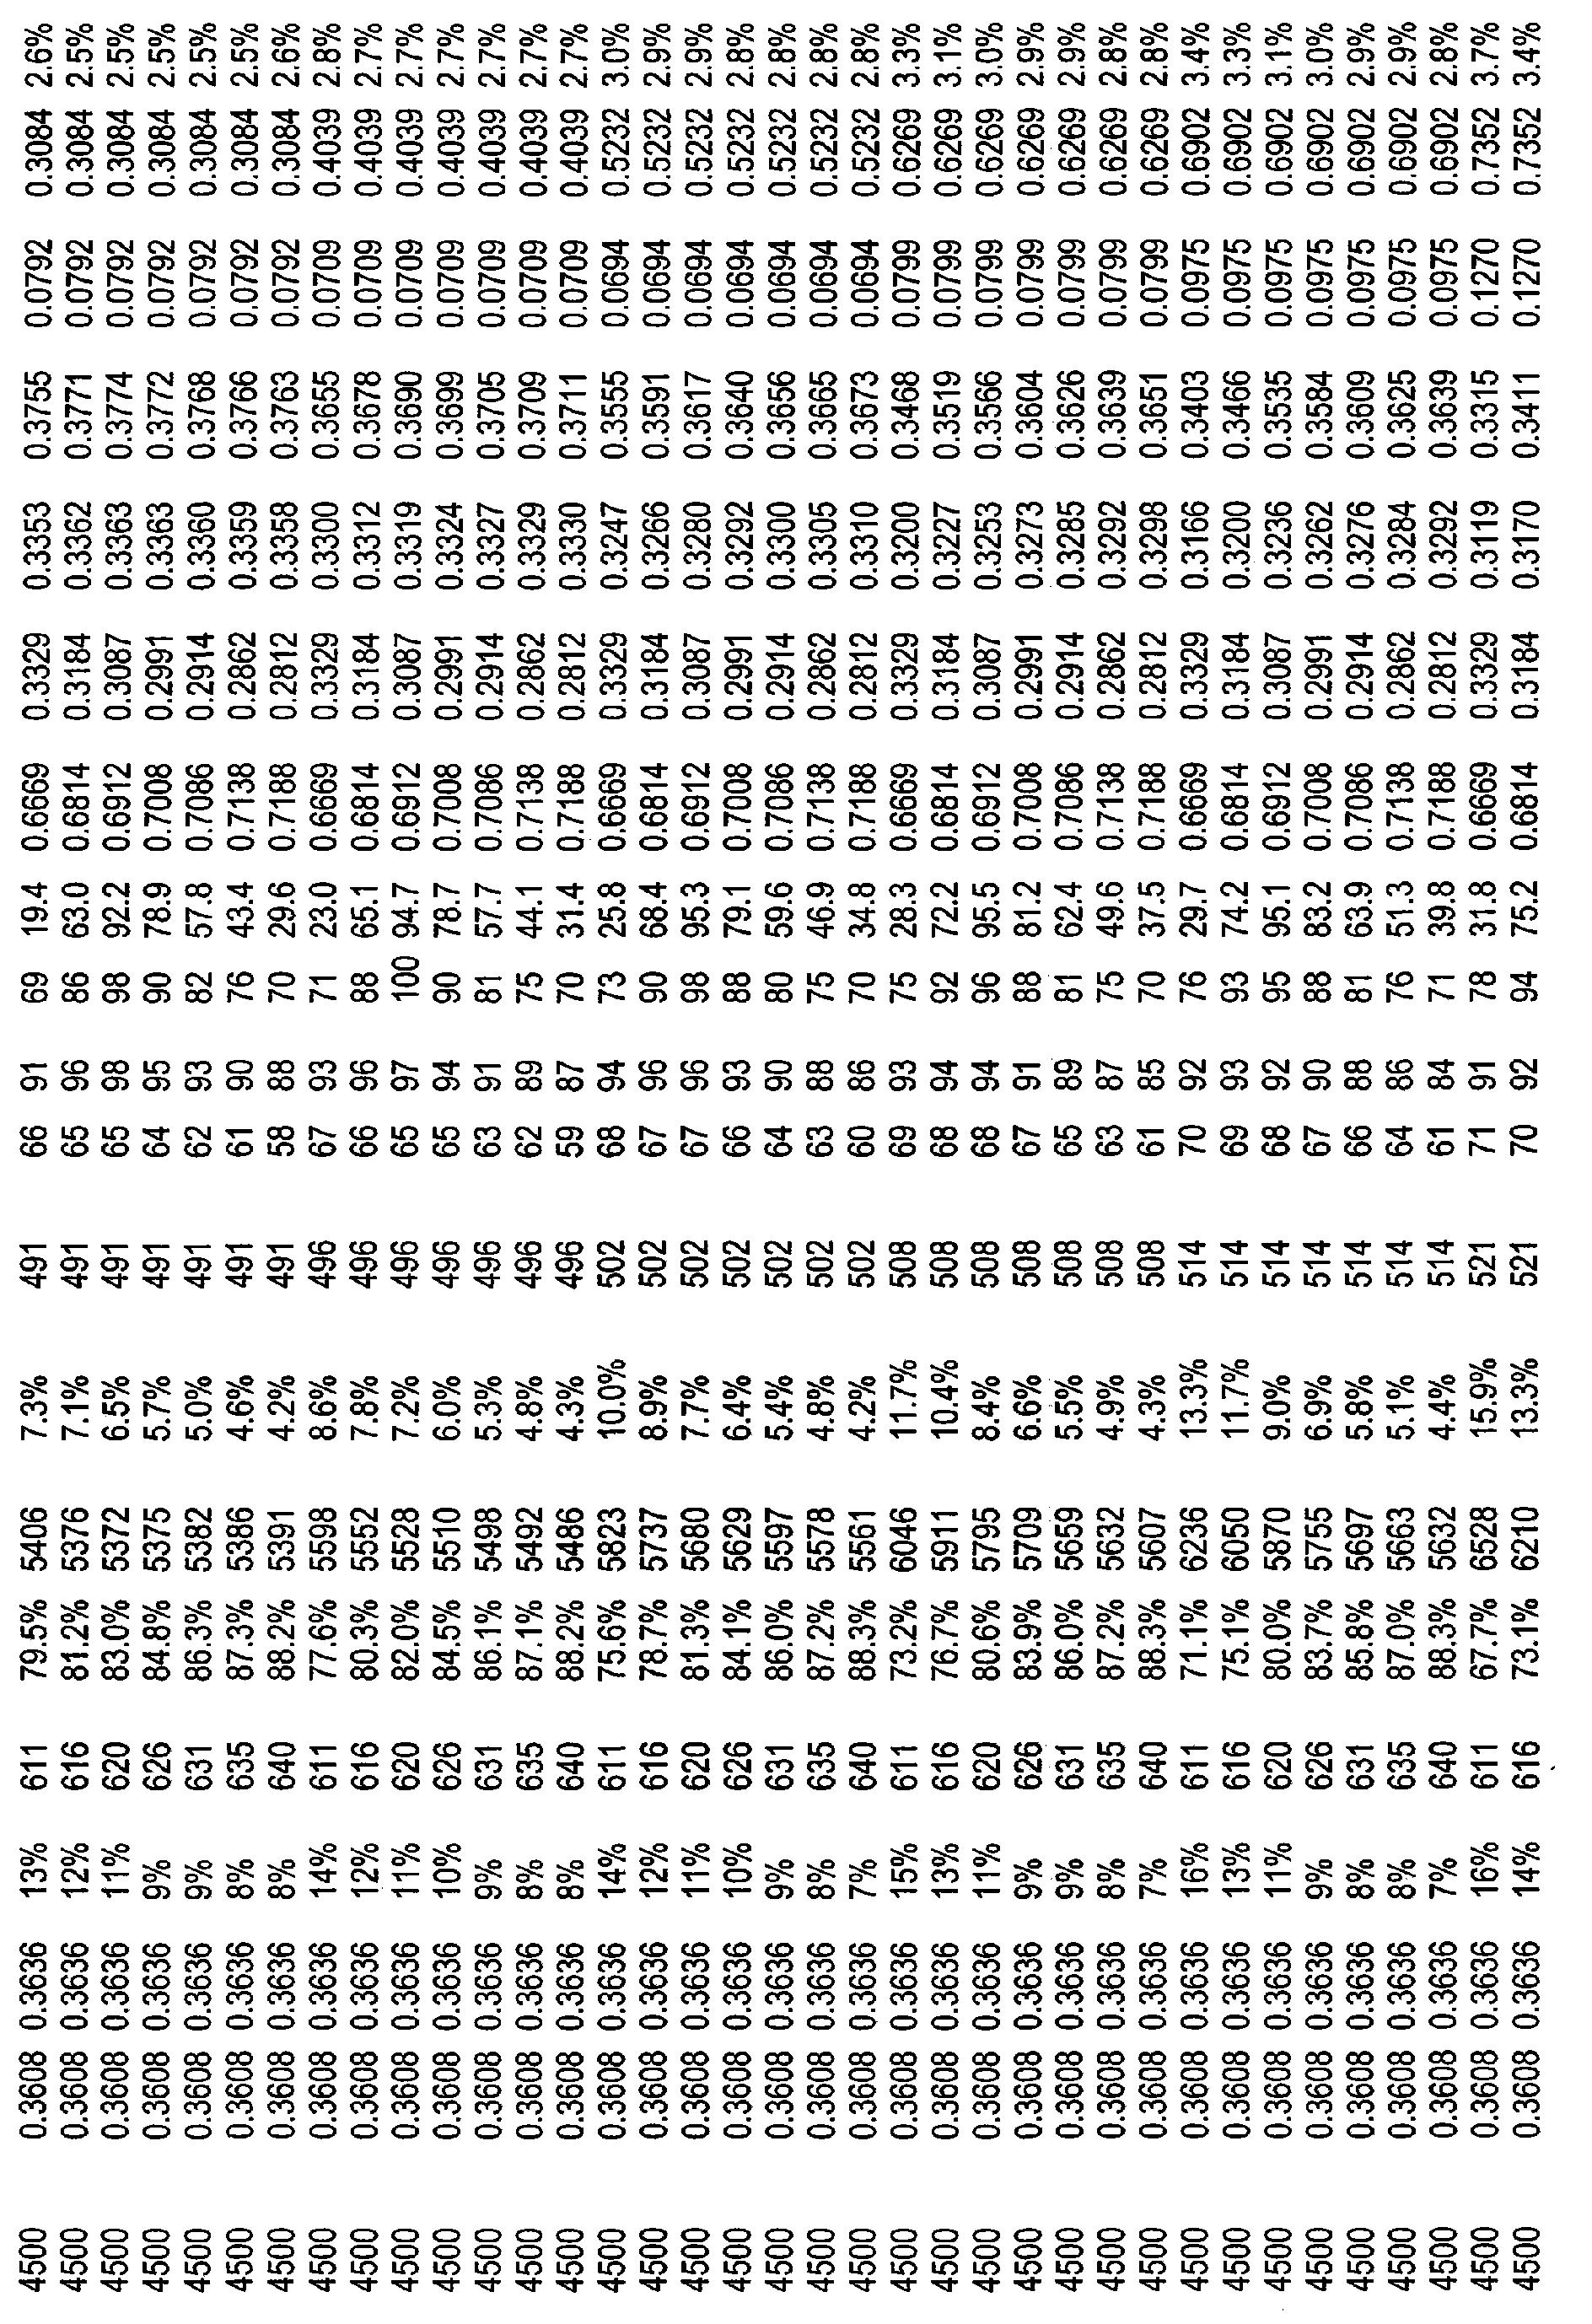 Figure CN101821544BD00781